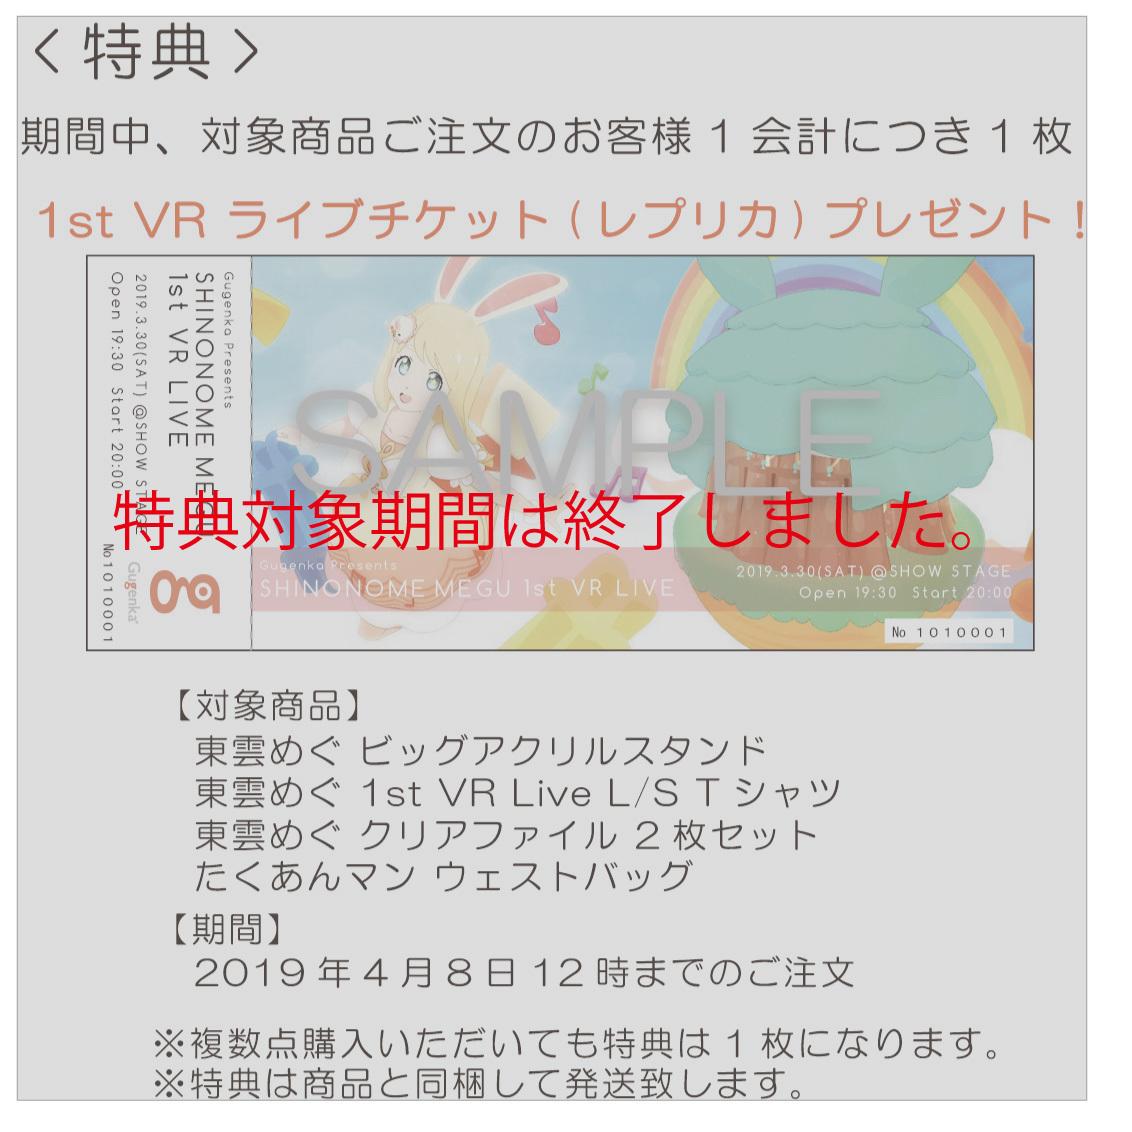 東雲めぐ 1st VR Live L/S Tシャツ